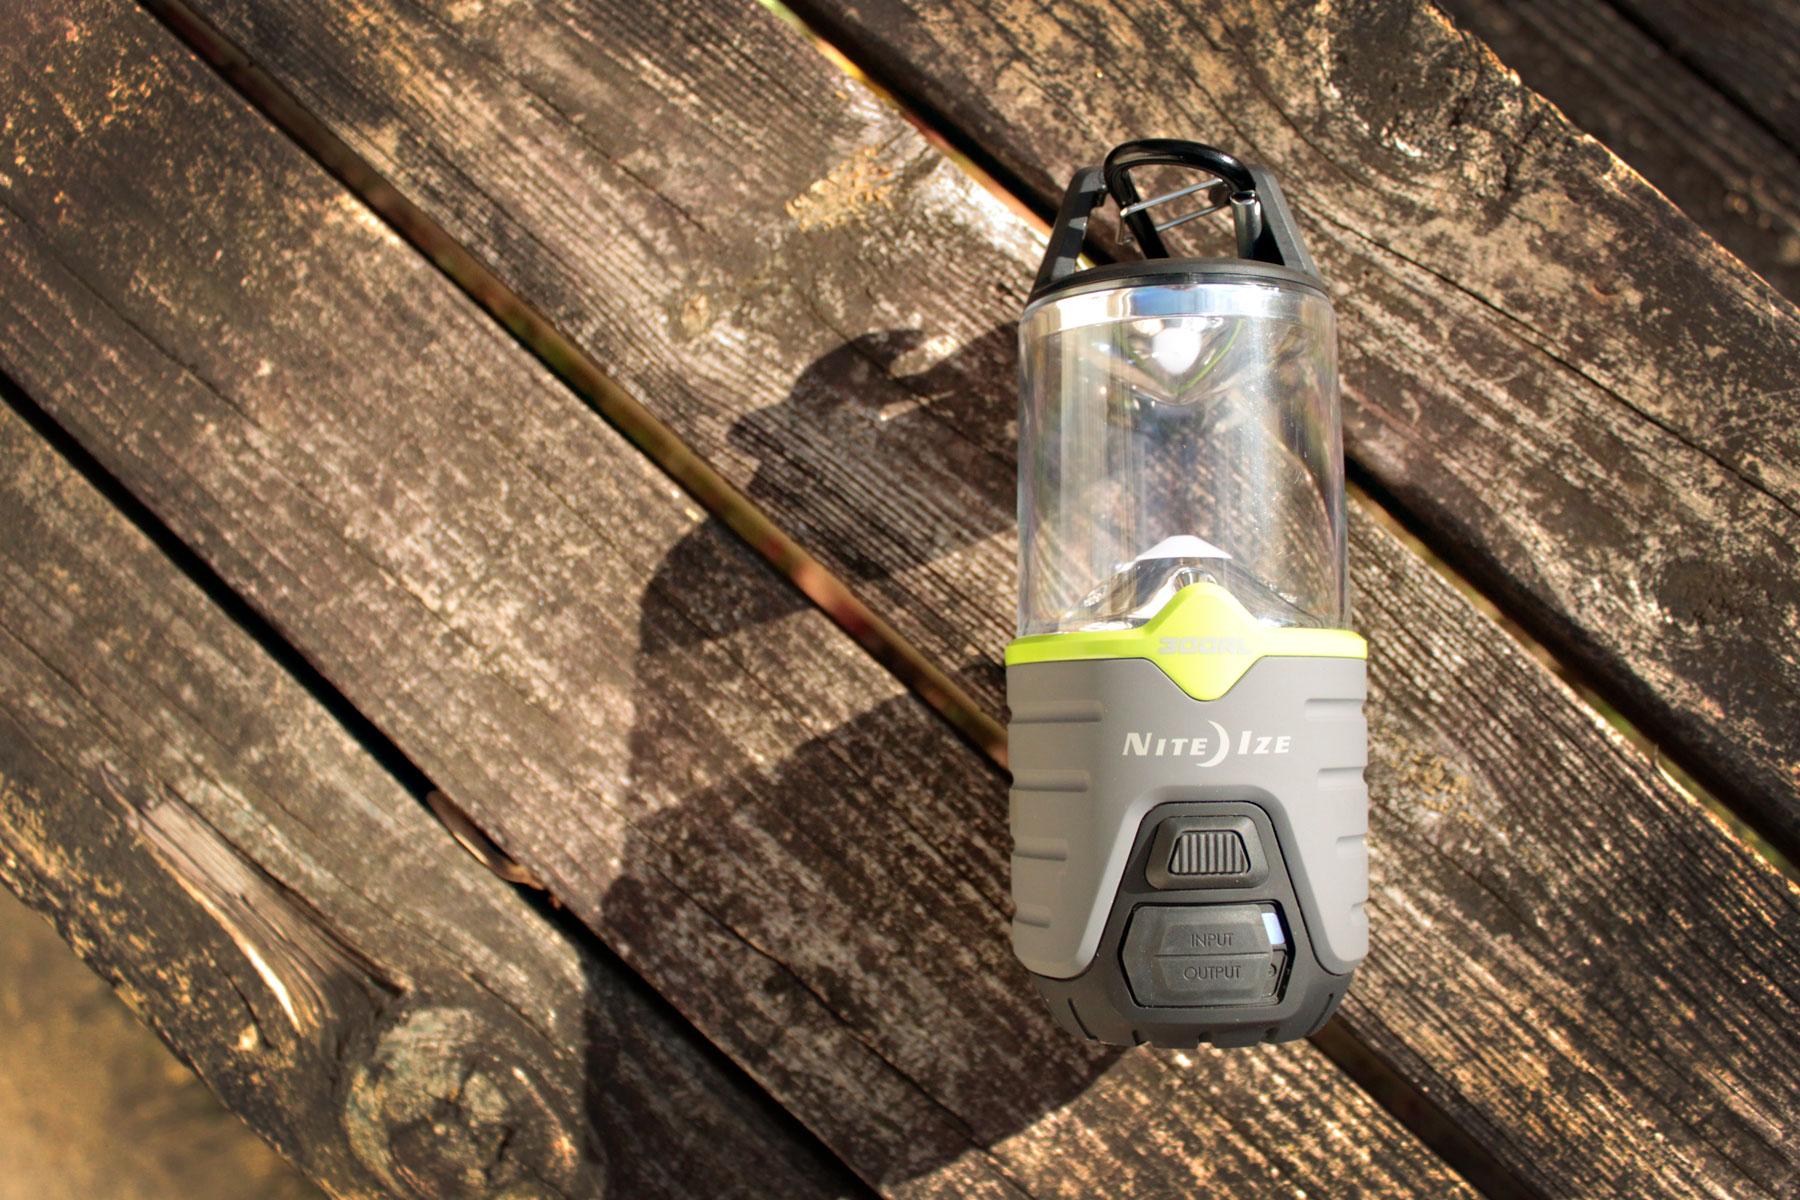 Nite IZE 300 Lumen Camp Lantern